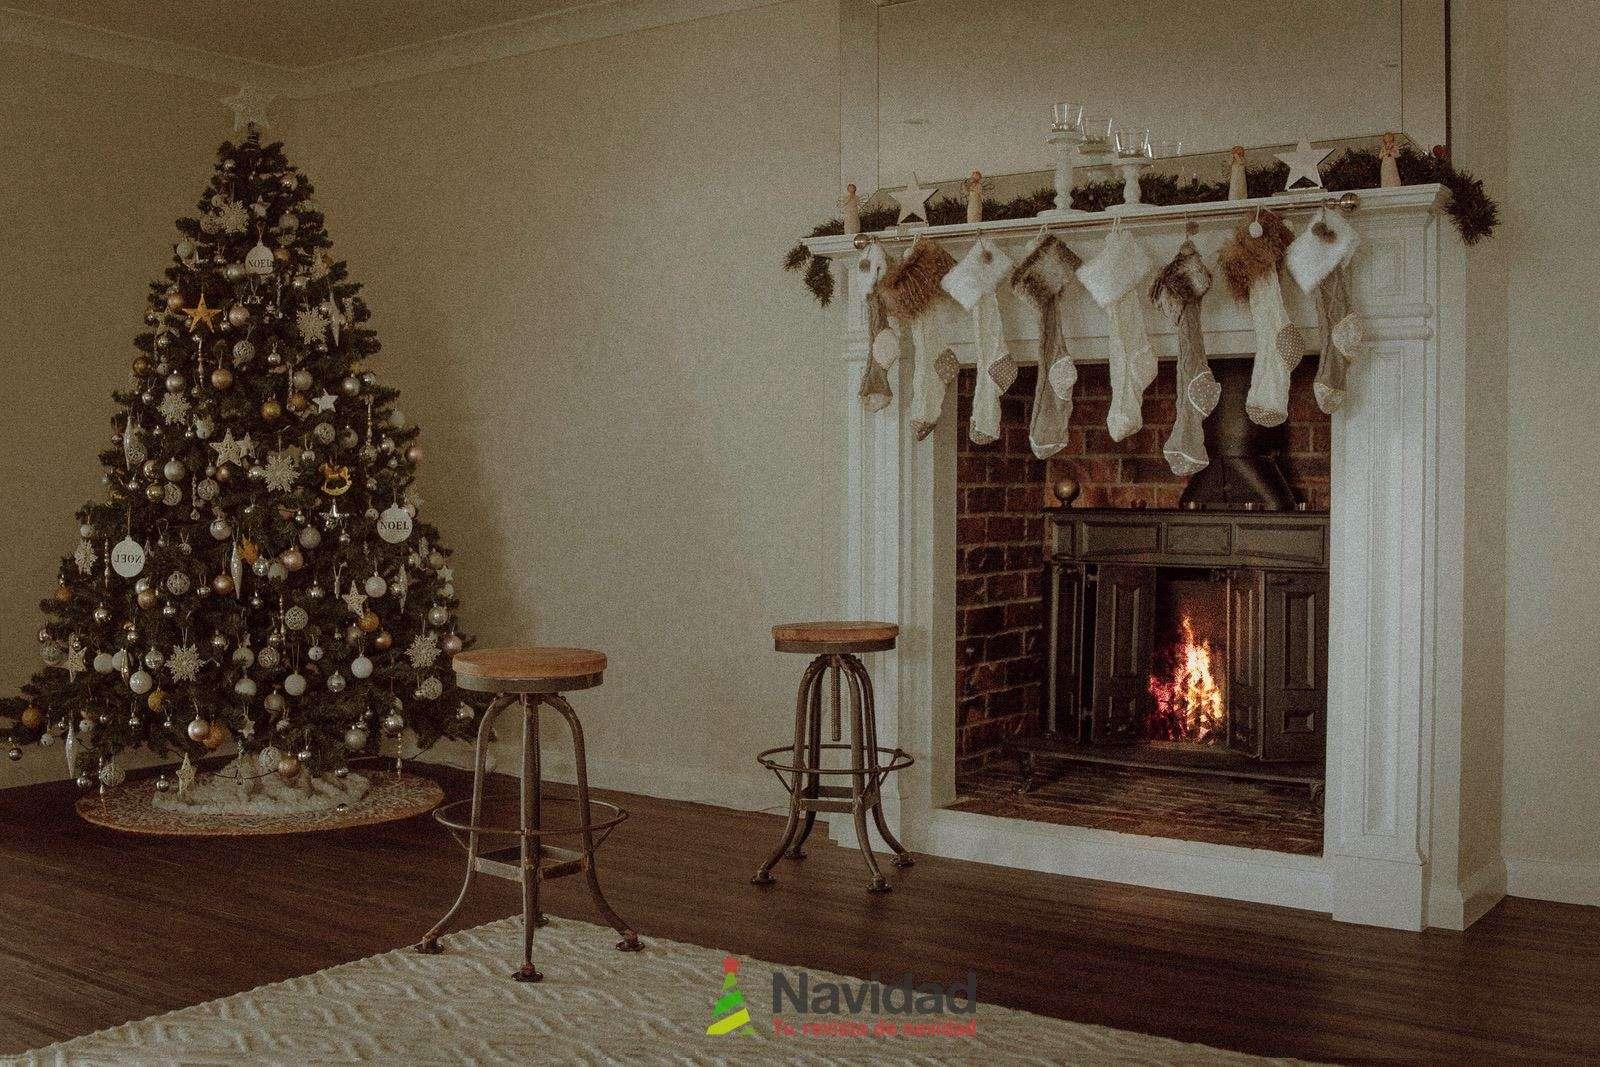 Chimeneas de Navidad para decorar y dar calor en fiestas 64